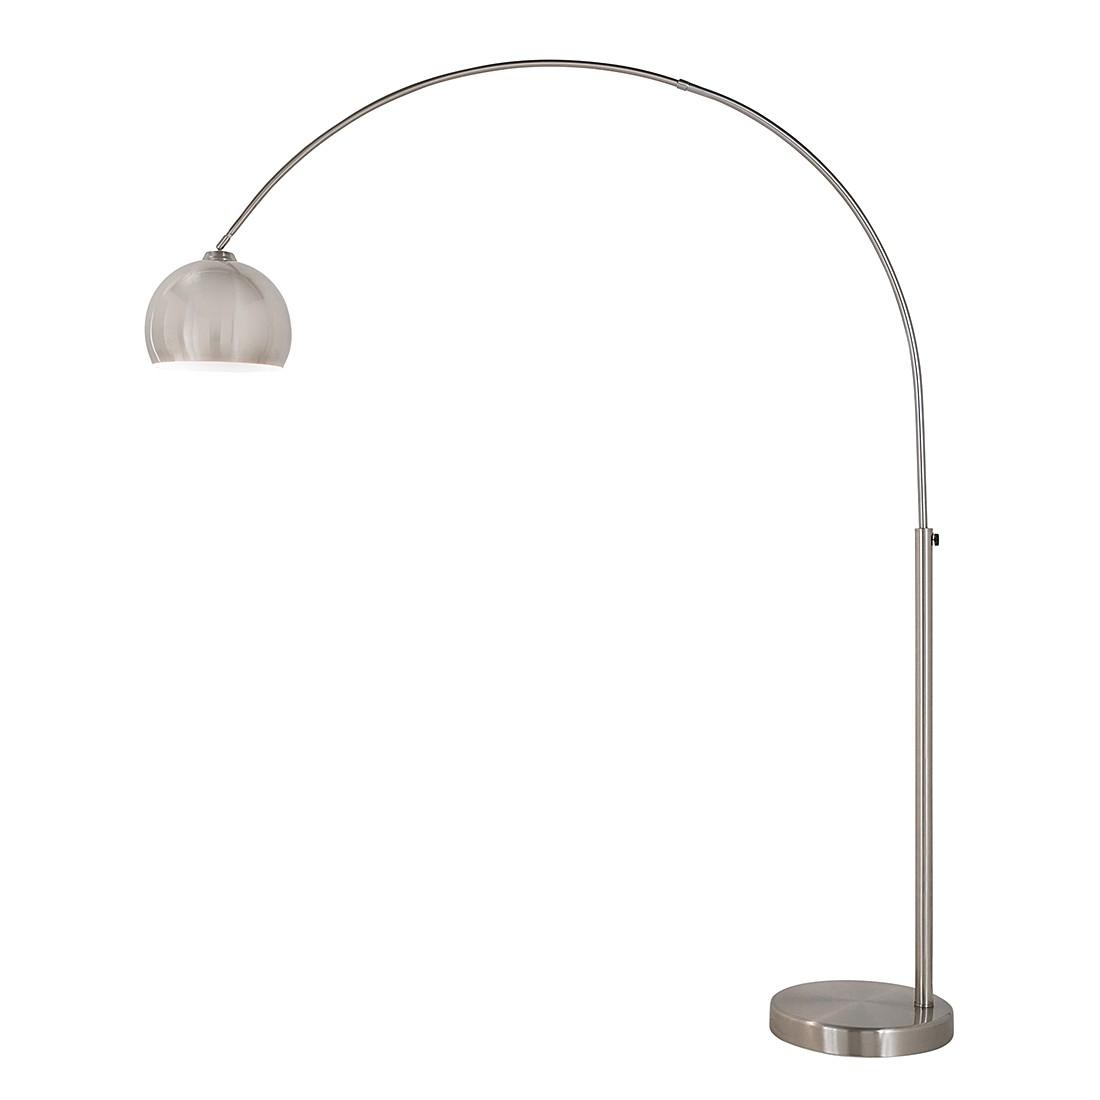 EEK A++, Bogenleuchte Lounge Satin Small – Eisen satiniert, Kare Design kaufen